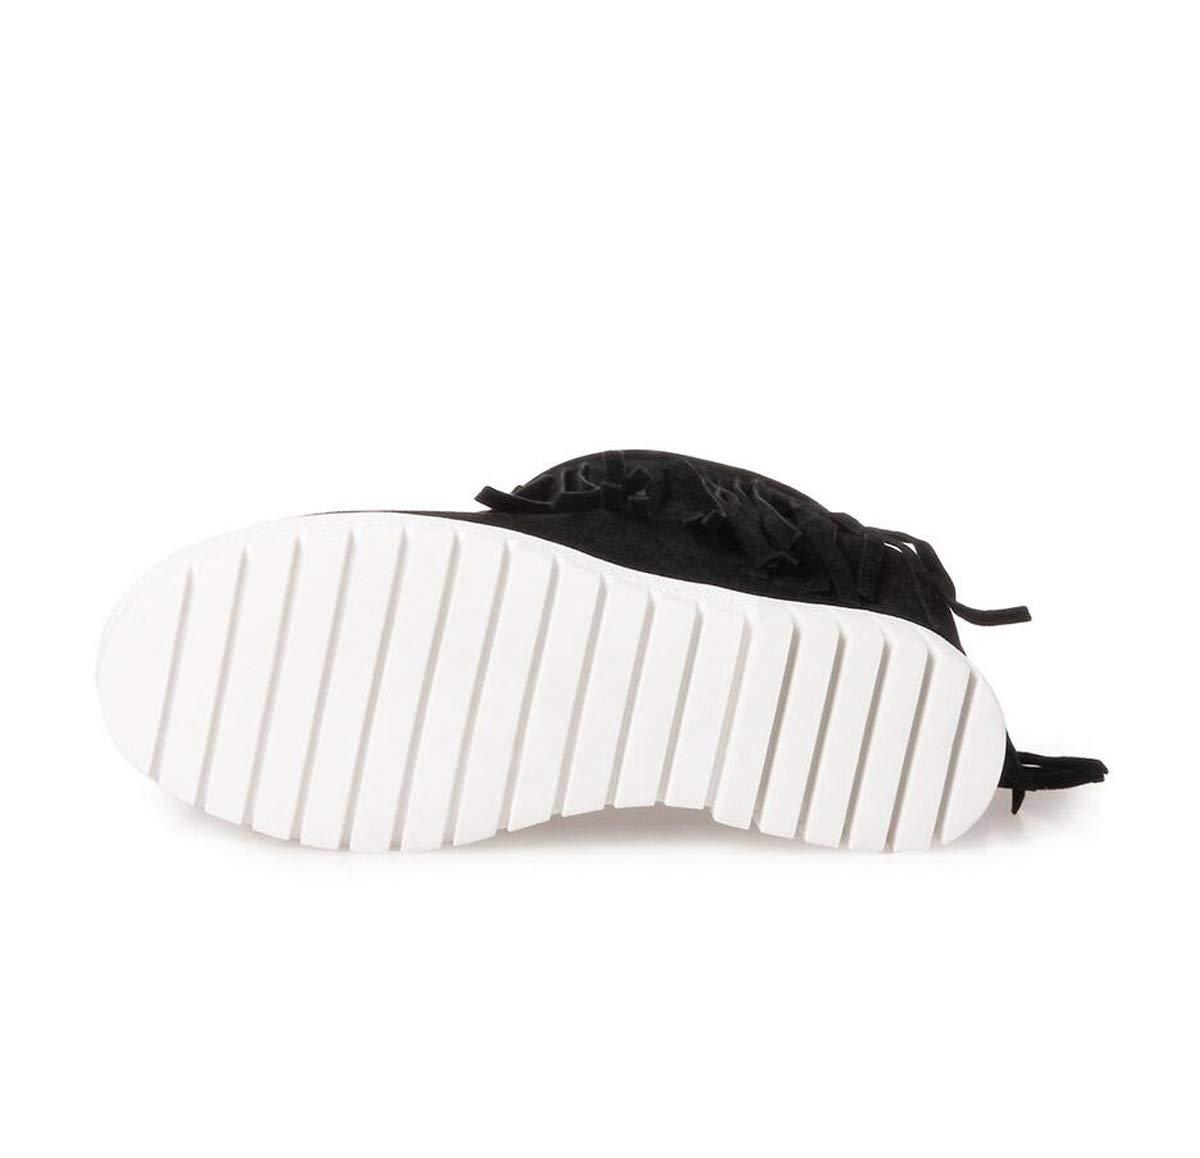 DANDANJIE Damen Stiefel Keilabsatz Reißverschluss Mittelrohr Stiefel Freizeitschuhe Martin Stiefel Stiefel Martin 7d6124